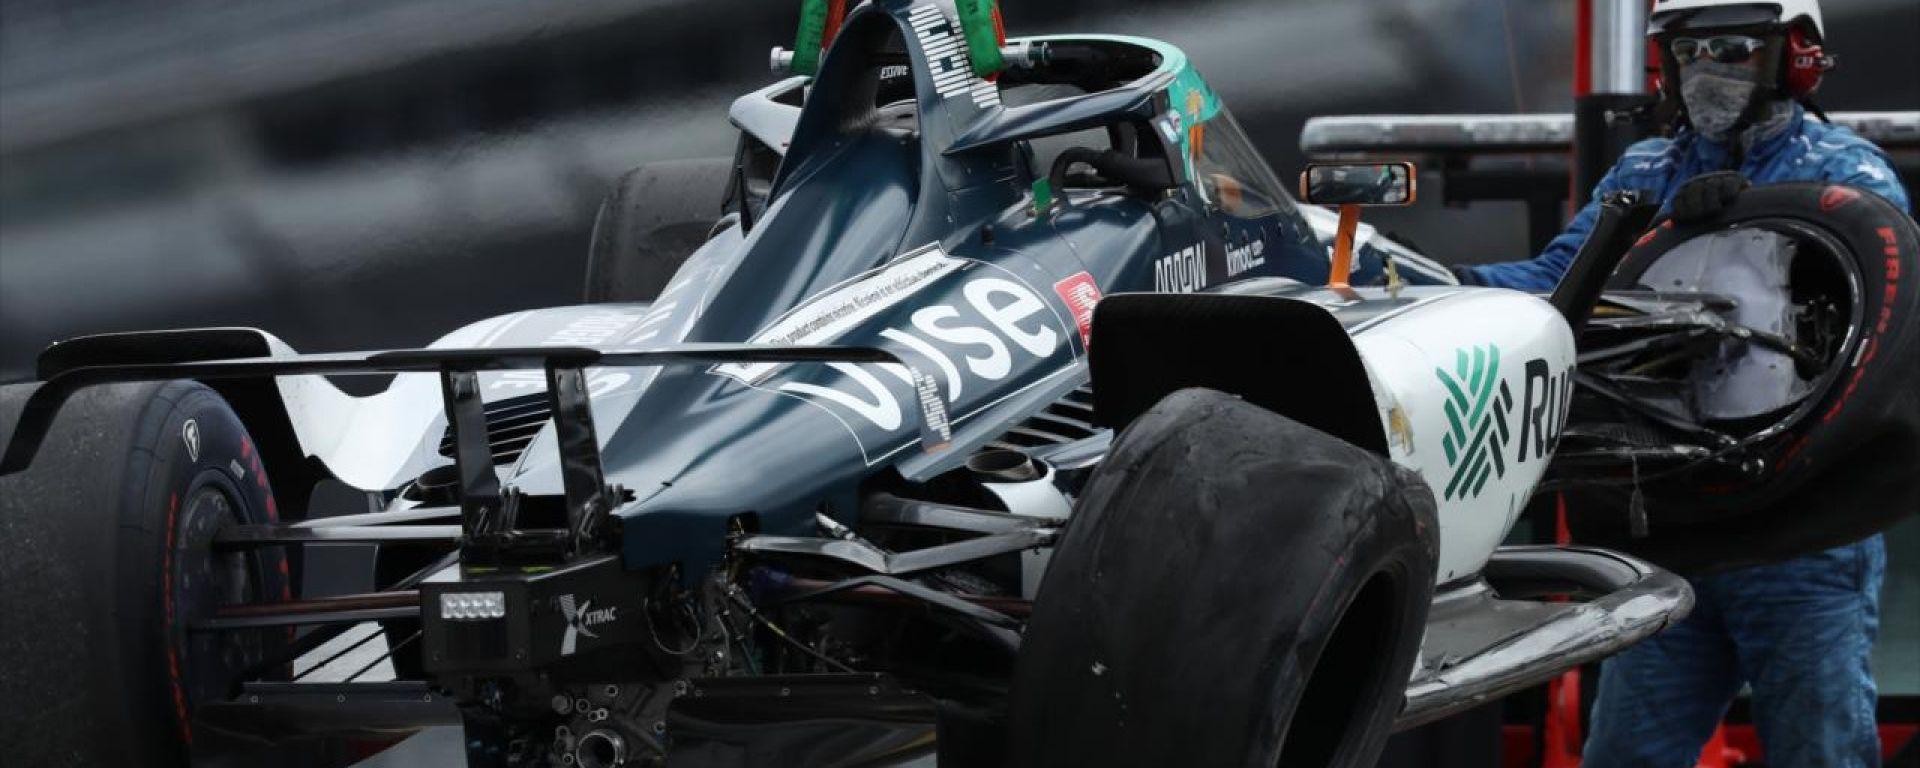 500 Miglia di Indianapolis 2020: la vettura incidentata di Fernando Alonso